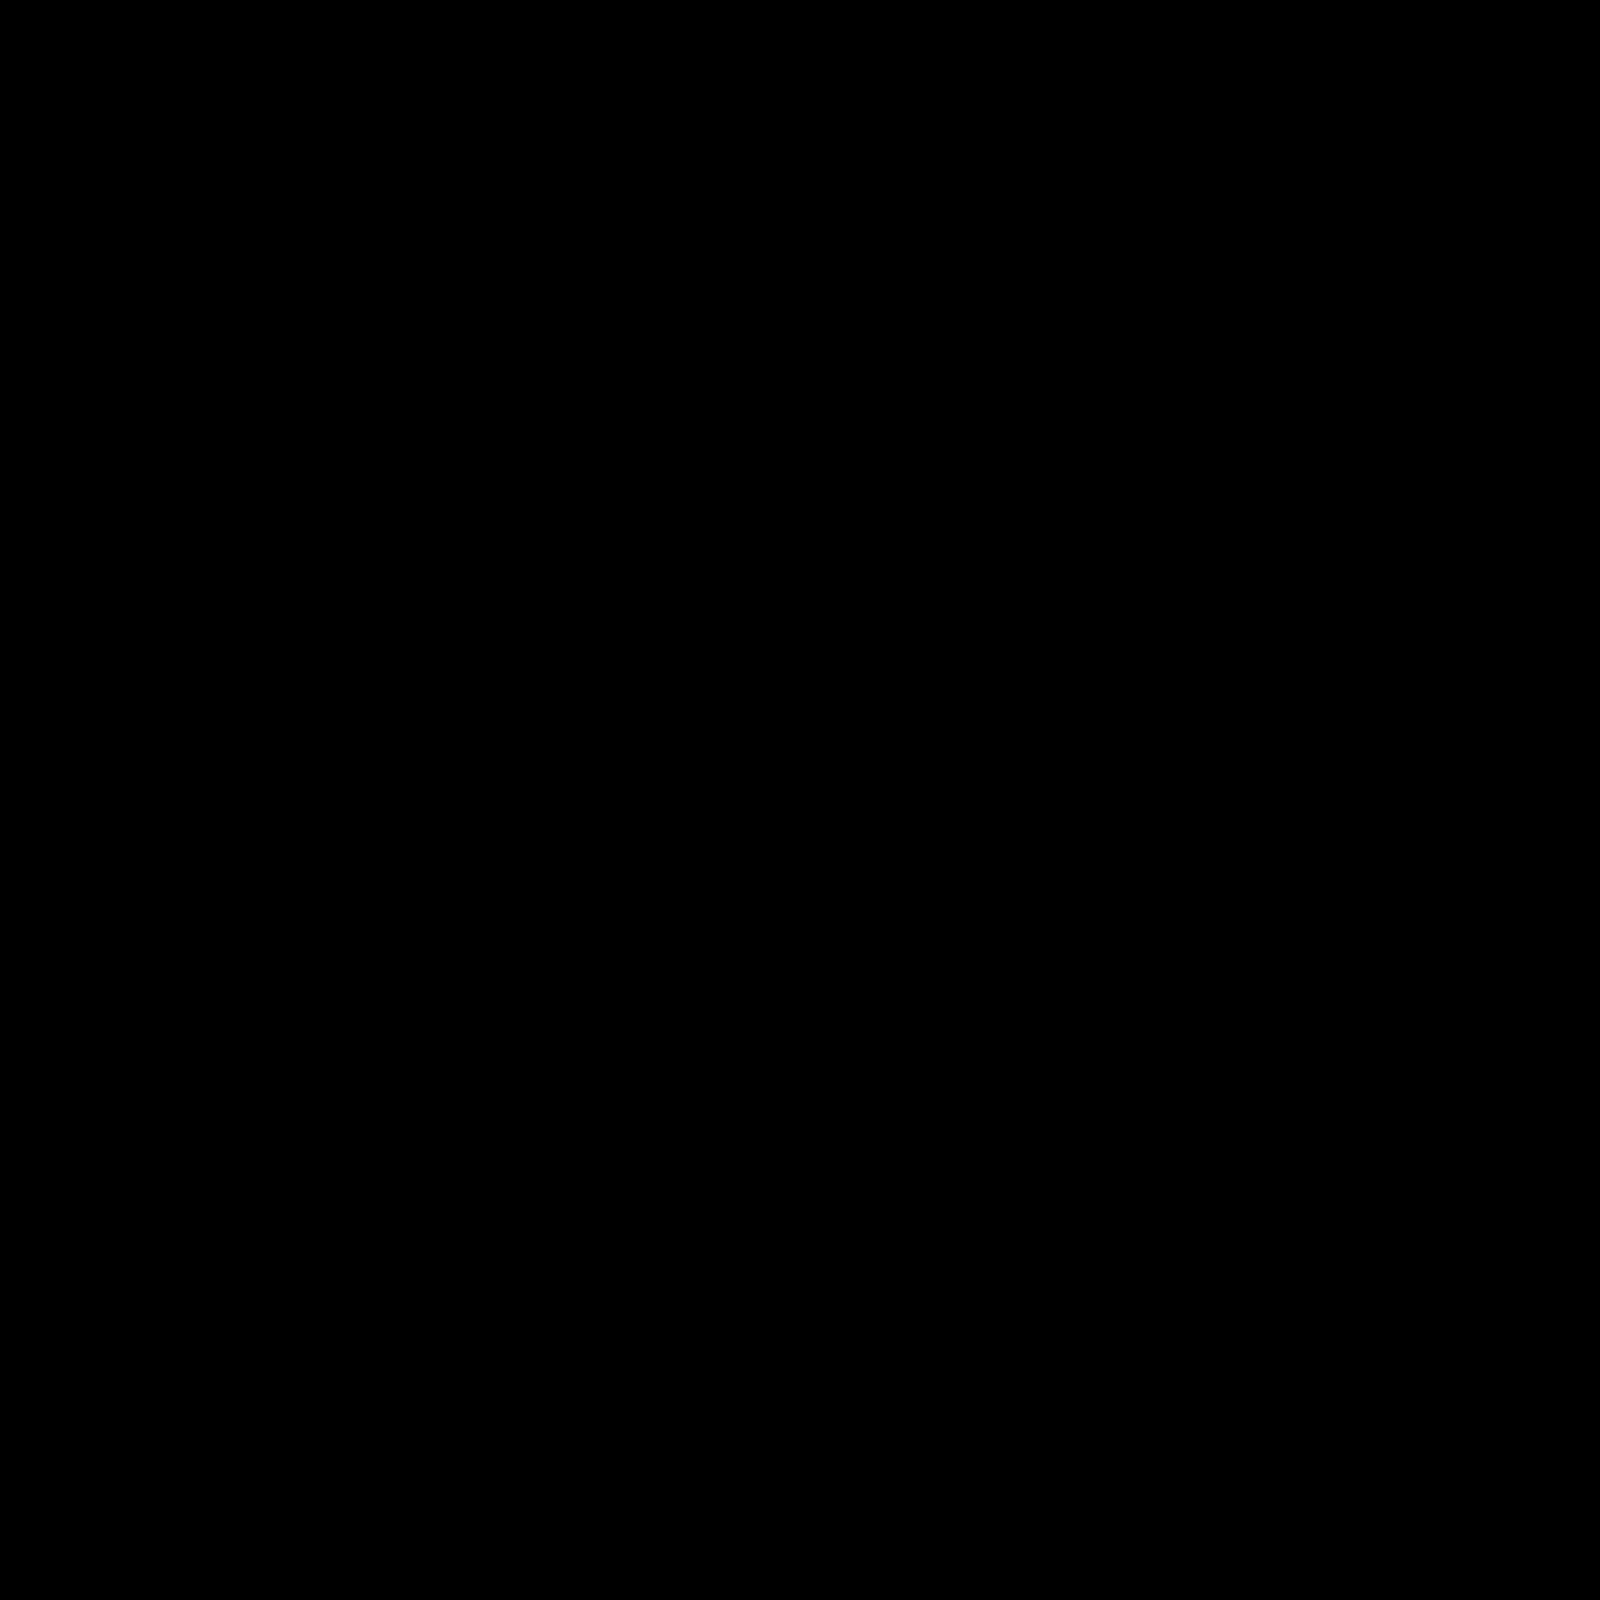 Philosophy icon